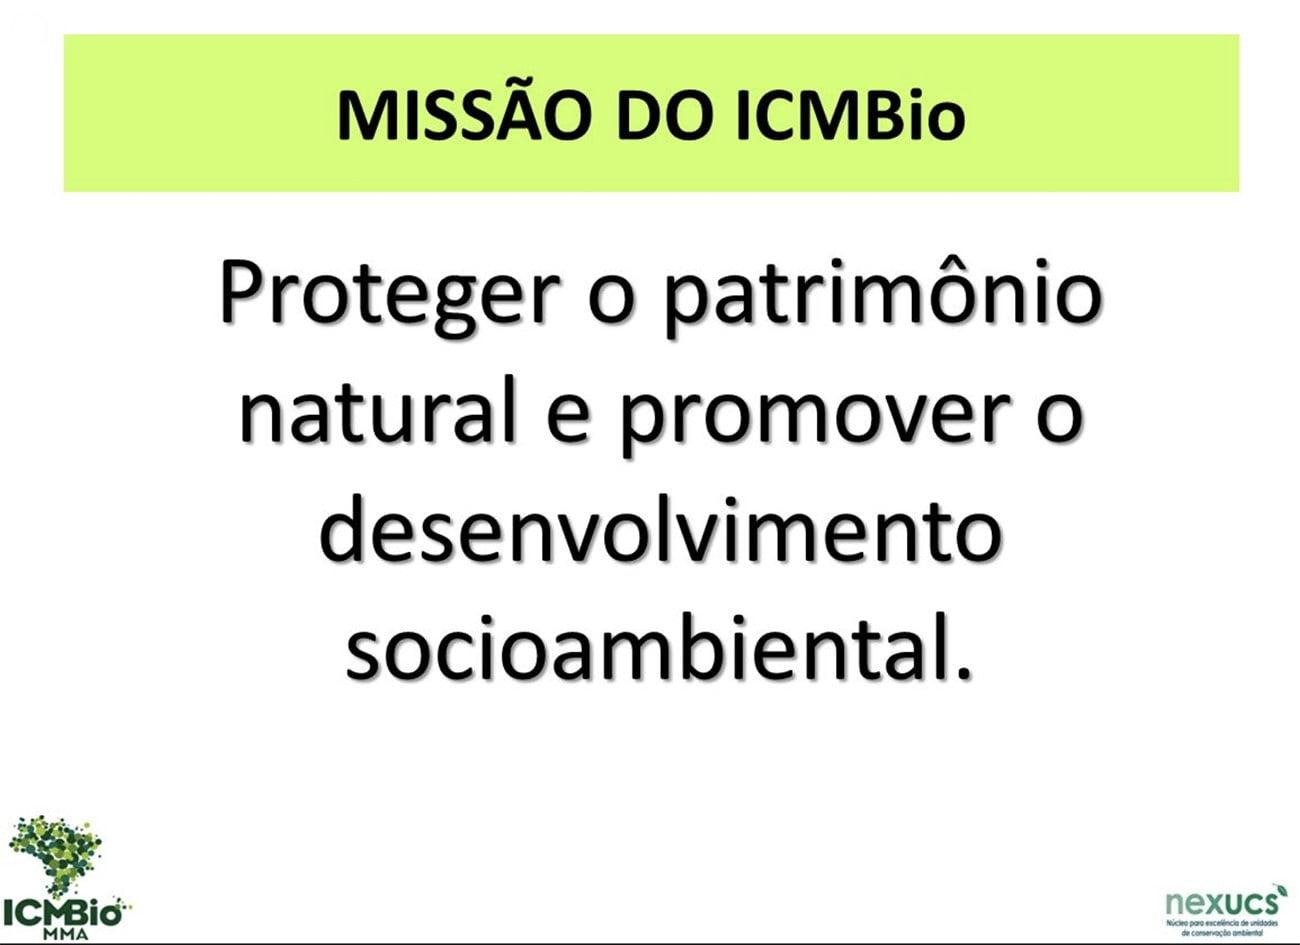 infográfico mostra missão do ICMBio